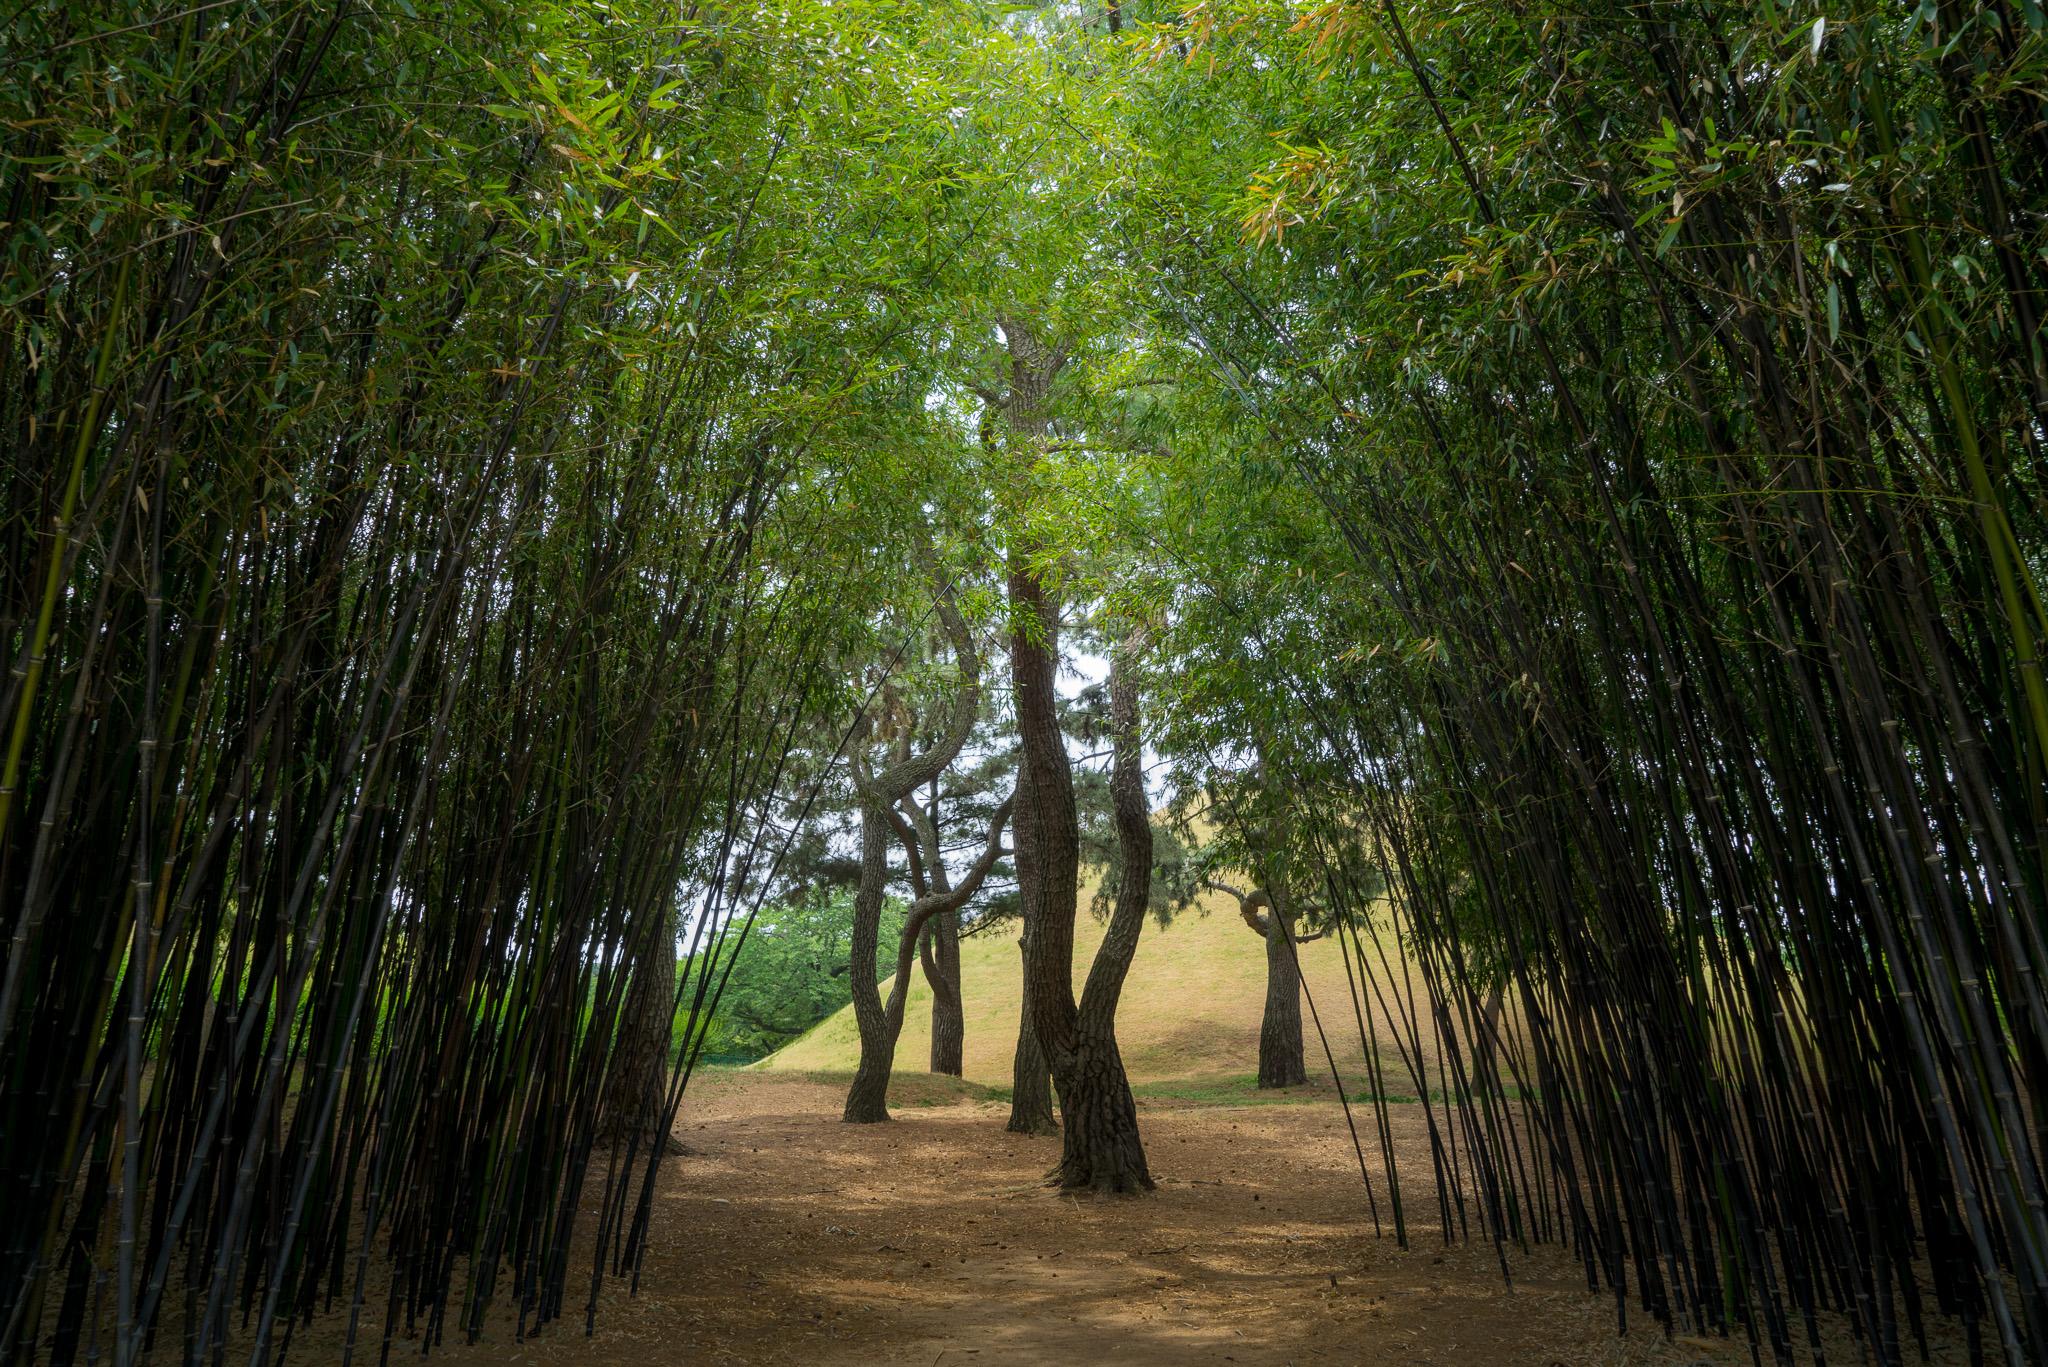 Mini Bamboo Grove In Gyeongju